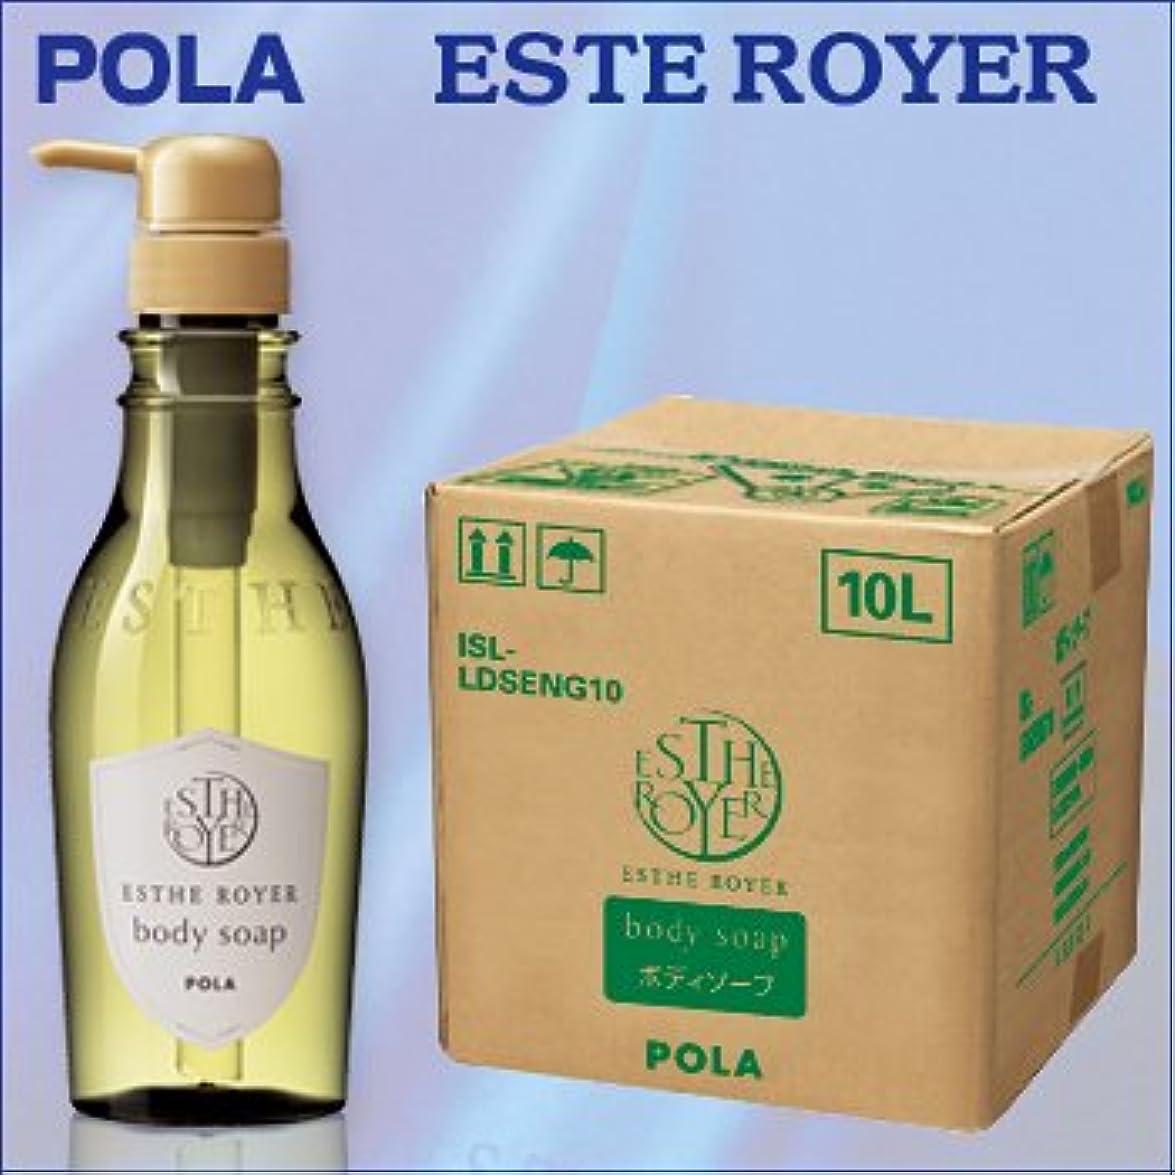 順番世界記録のギネスブック不条理POLA エステロワイエ 業務用ボディソープ 10L (1セット10L入)